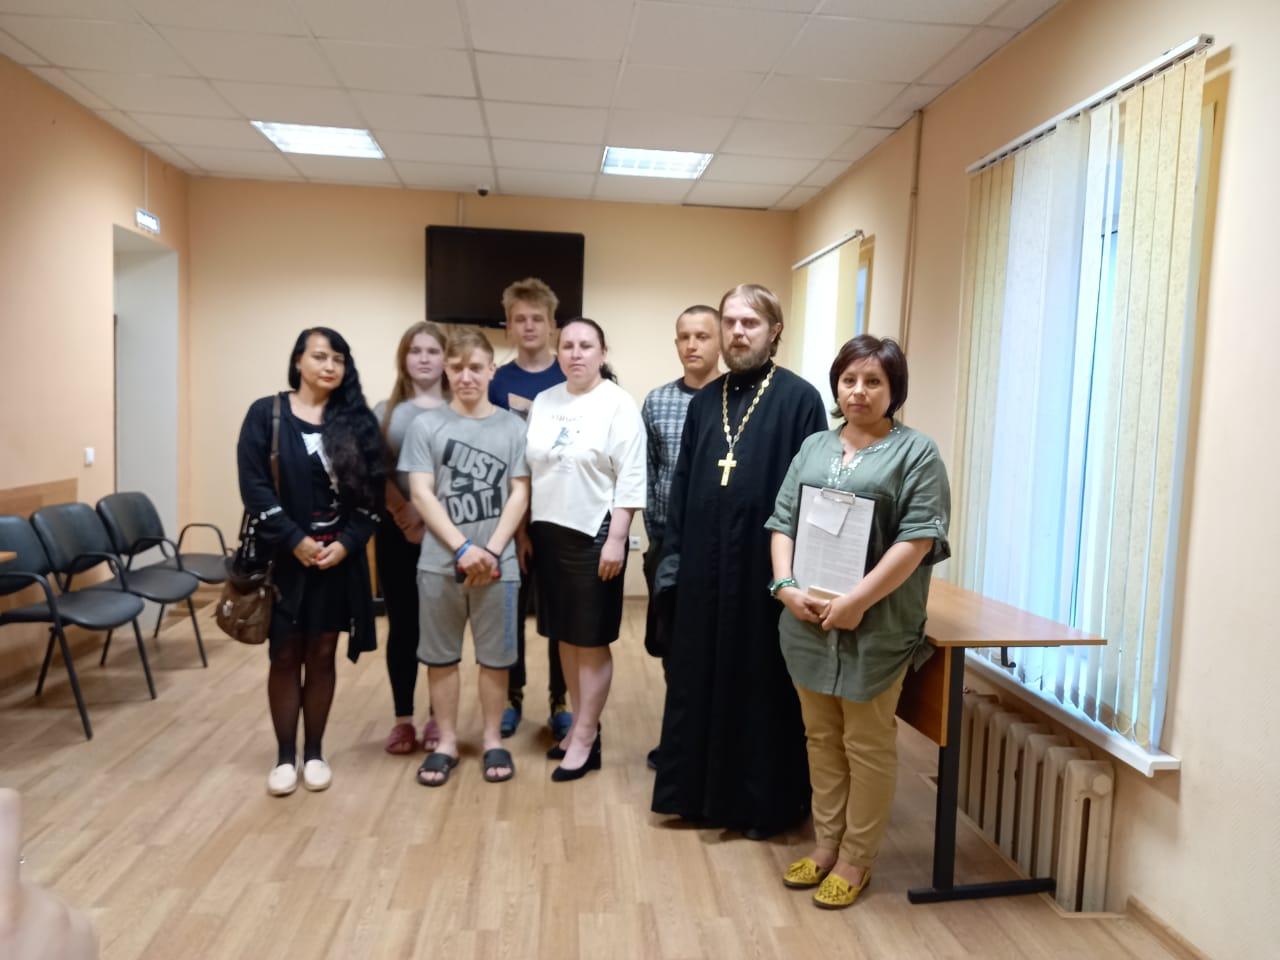 Председатель Миссионерской комиссии встретился со студентами ЕЖТЭиС